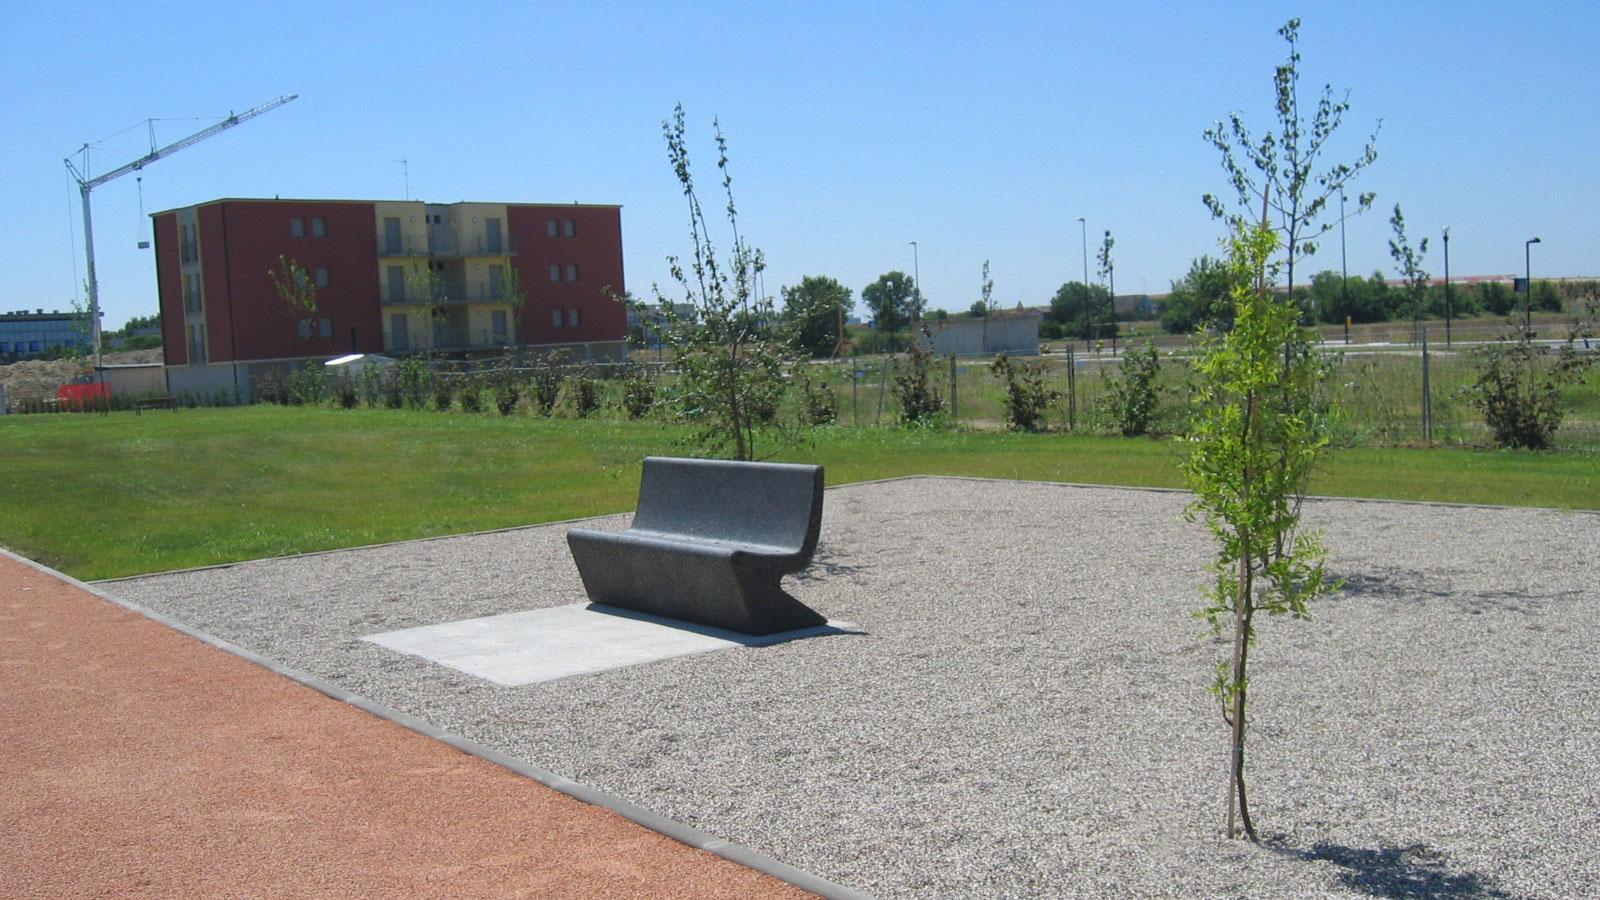 Architetto Michele Rondelli - Parco pubblico periurbano Chiesanuova - Mantova